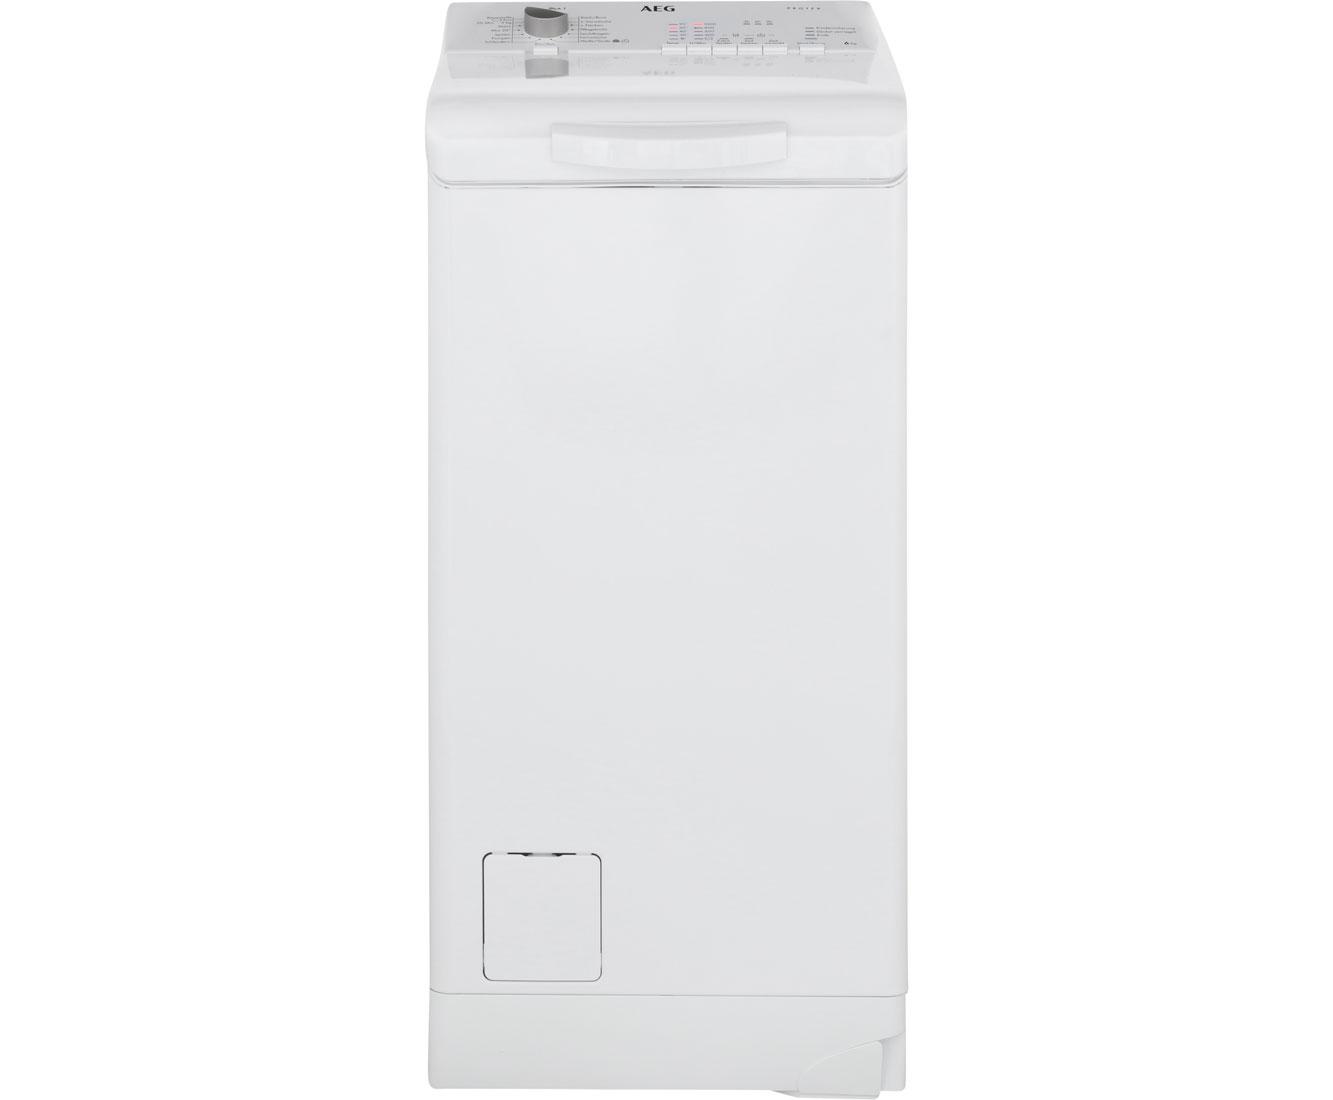 AEG Lavamat L51060TL Waschmaschinen - Weiss